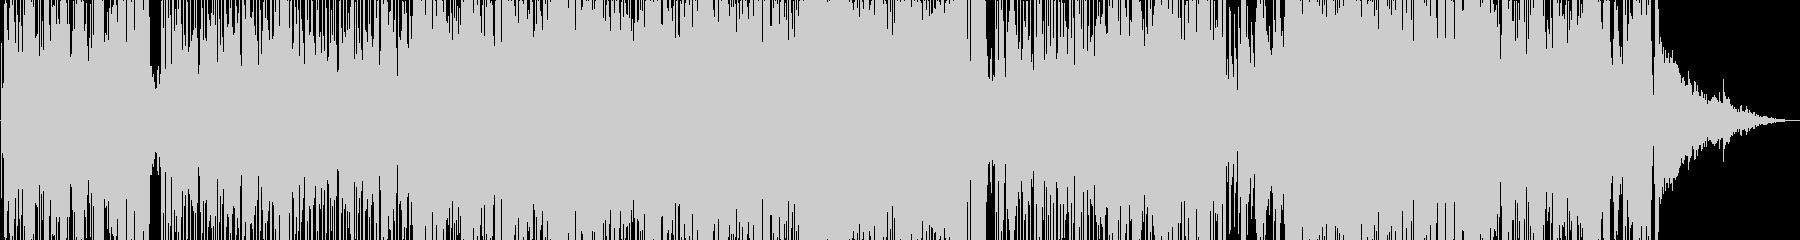 都会的なイメージのゴージャスなBGMの未再生の波形